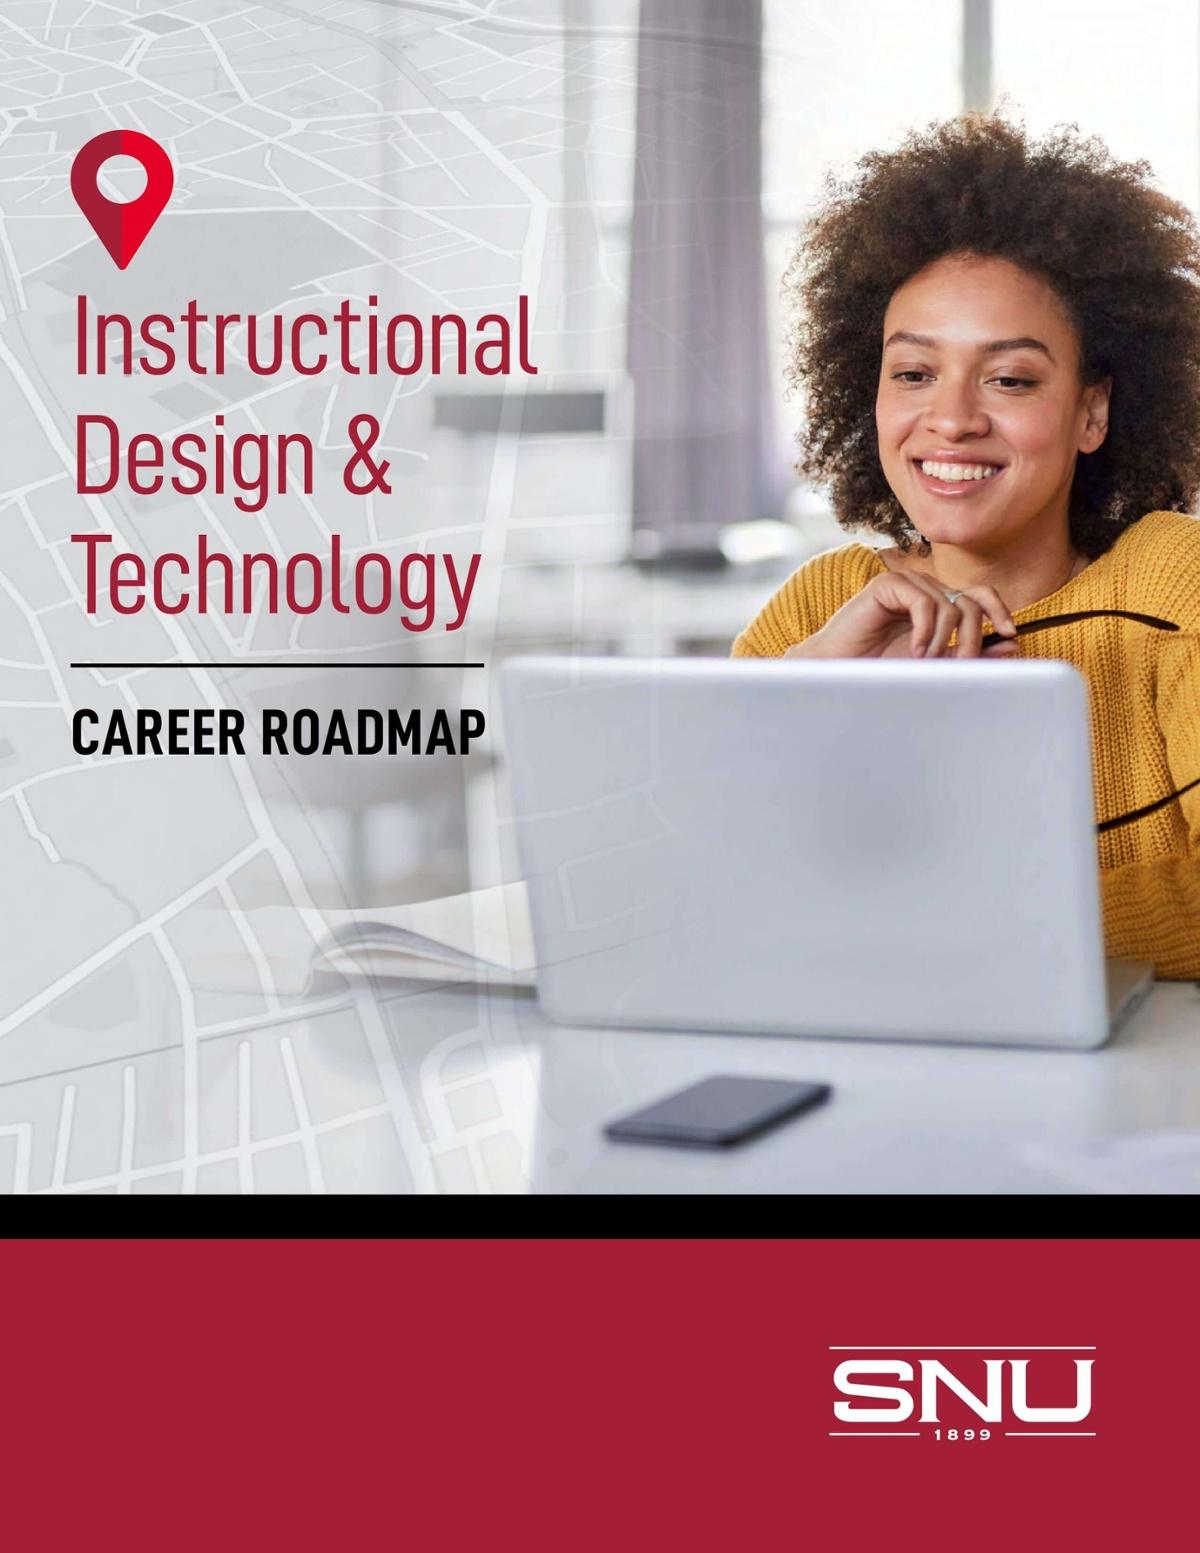 IDT Career Roadmap Cover